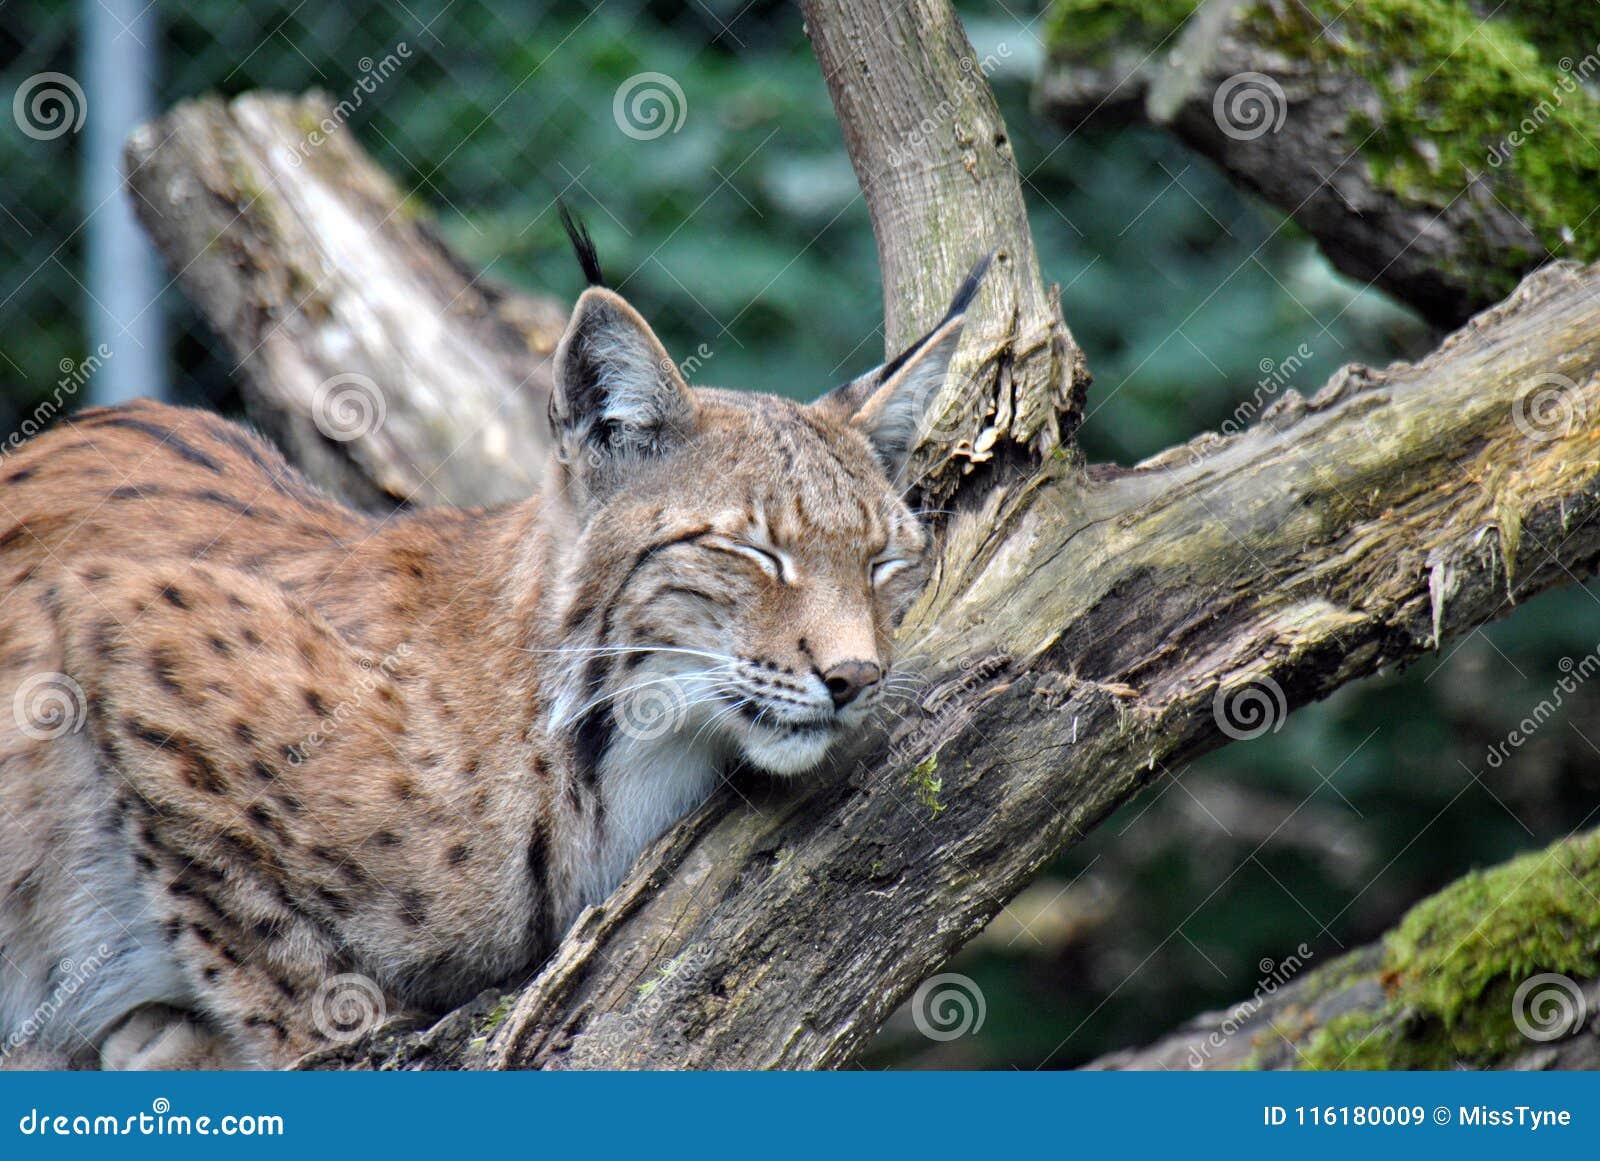 Γούνινος και χαριτωμένος ευρωπαϊκός ύπνος λυγξ σε έναν κλάδο δέντρων